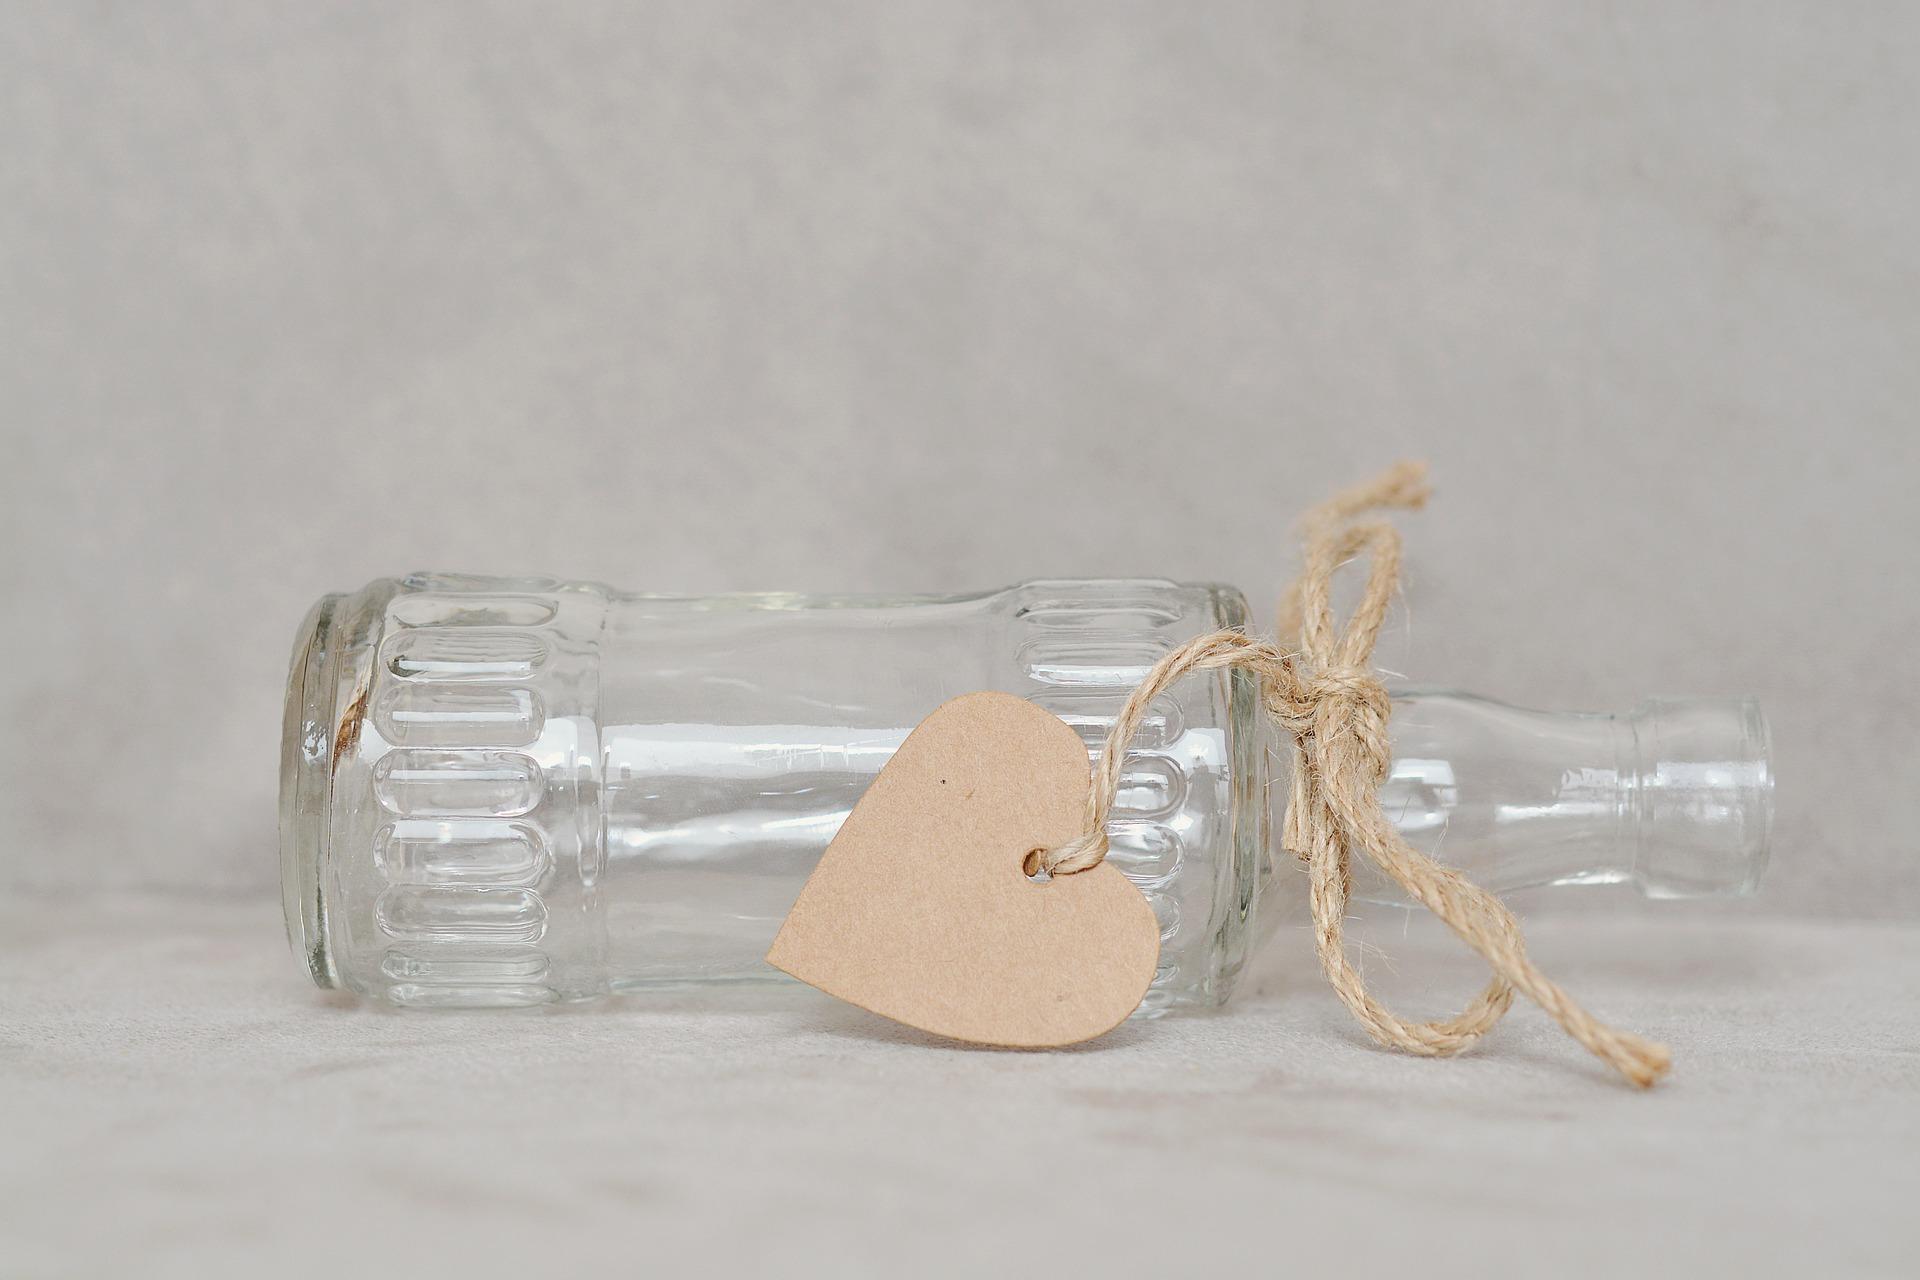 bottle-1282705_1920jpg